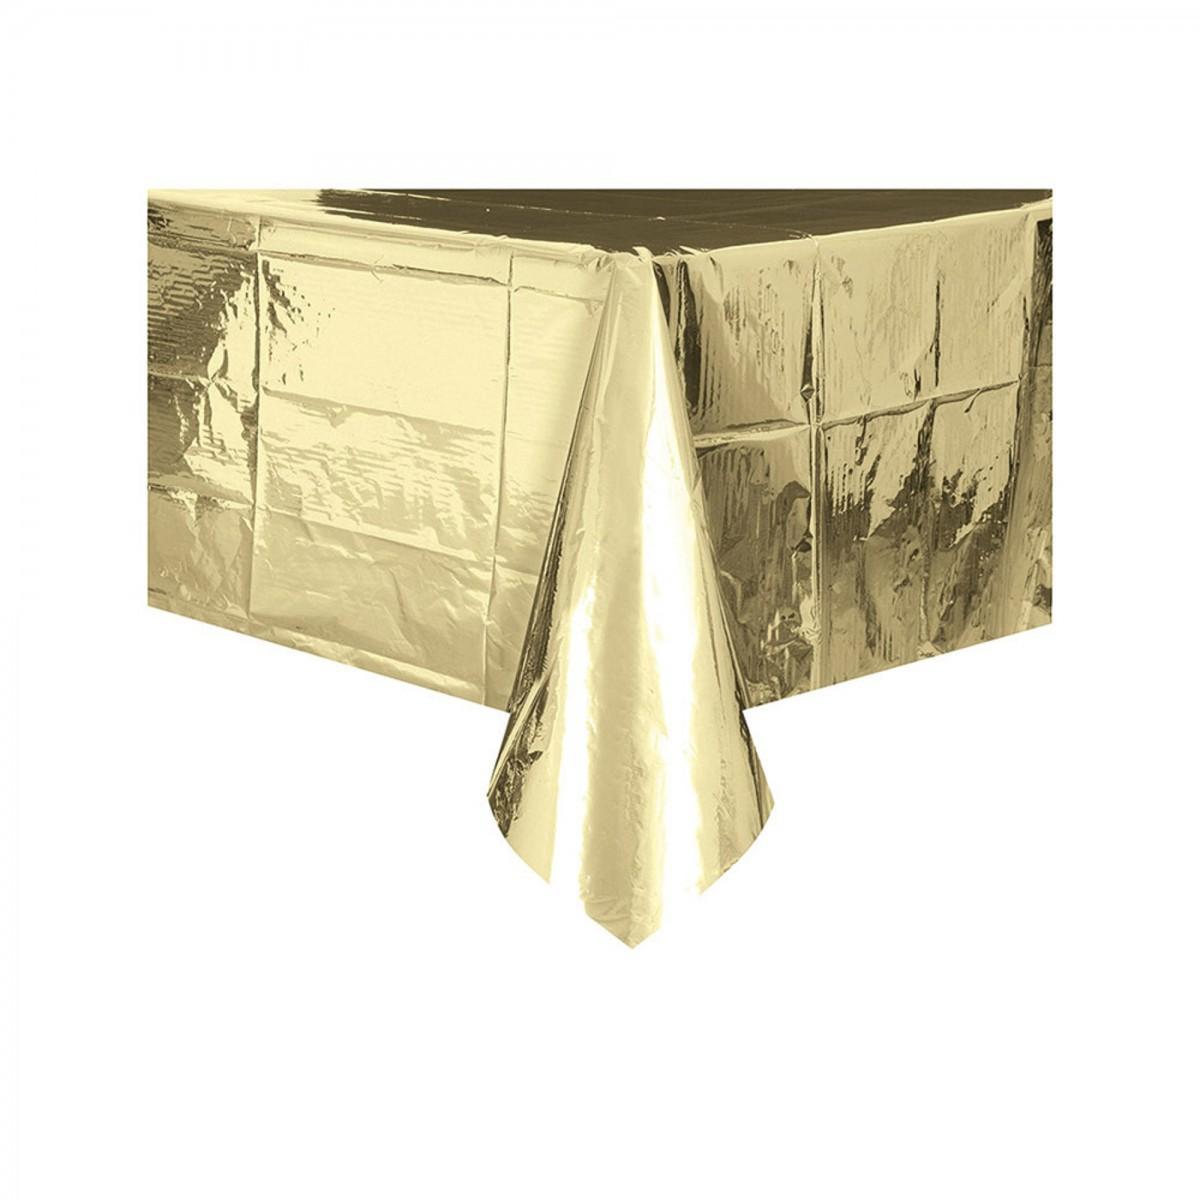 Tovaglia oro 2,74 x 1,34 mt.